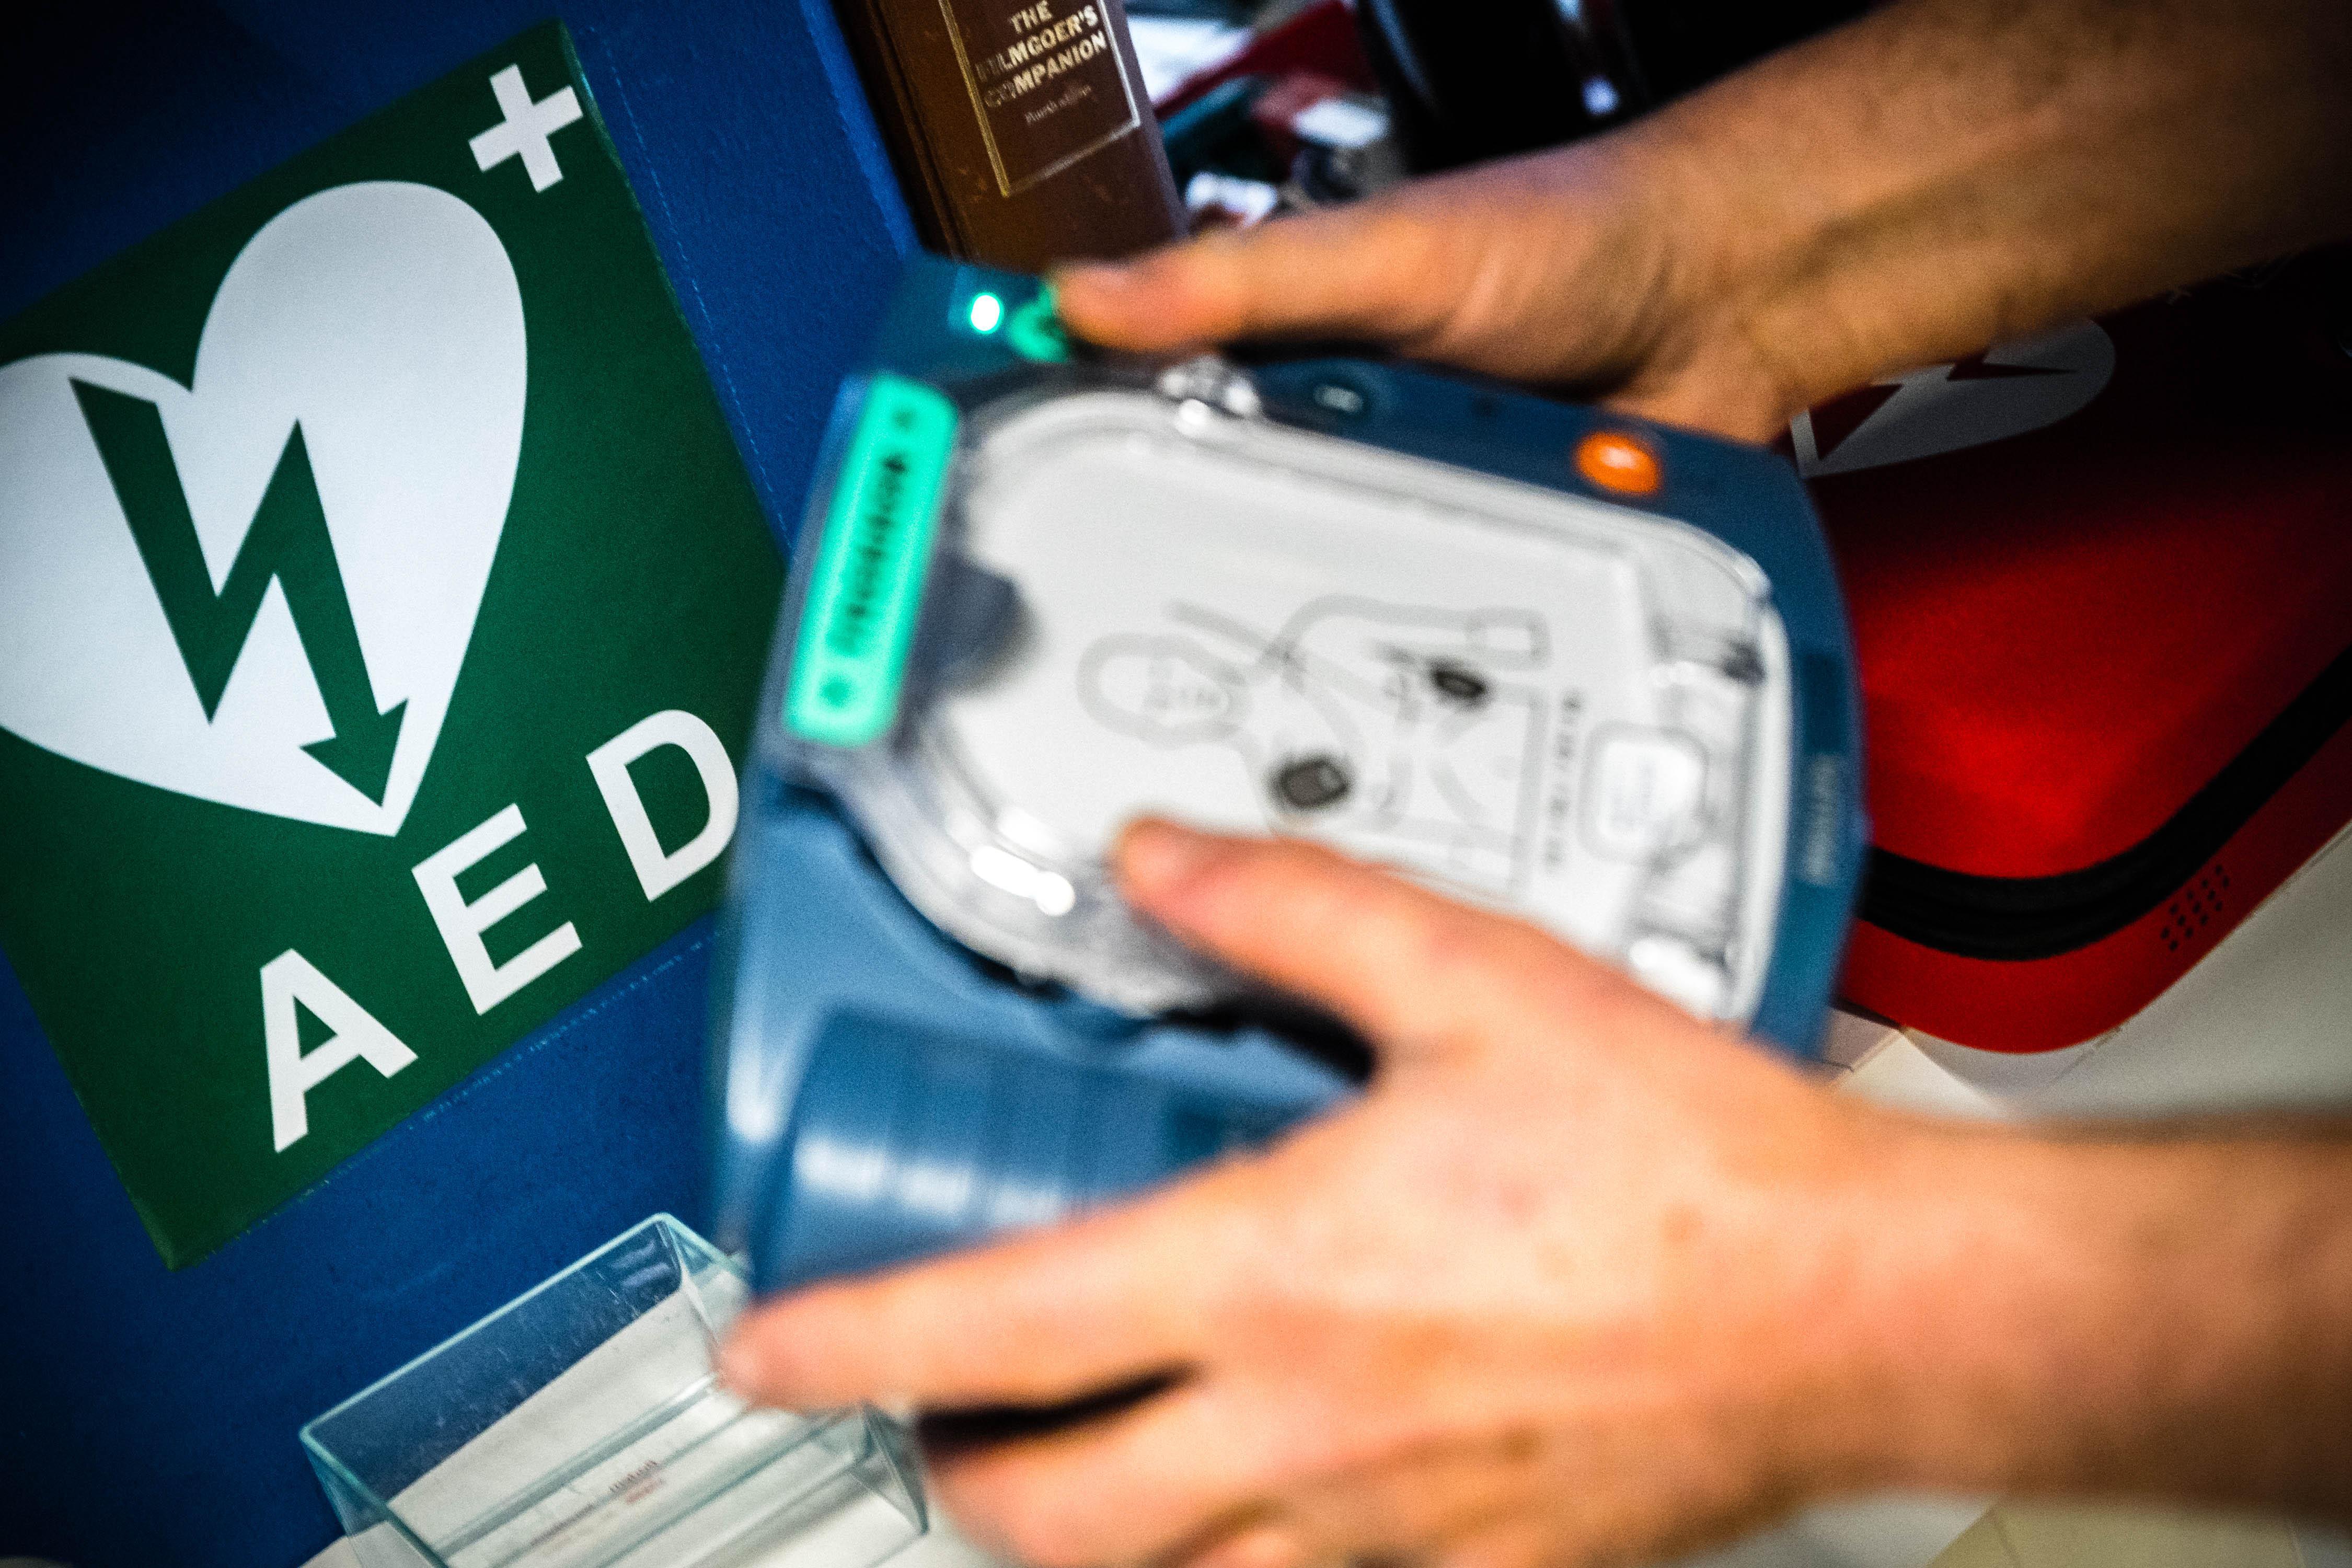 Meerderheid raad wil pro-actieve houding Gooise Meren bij invoering AED-netwerk. VVD roept raadsleden op goede voorbeeld te geven en reanimatiecursus te volgen